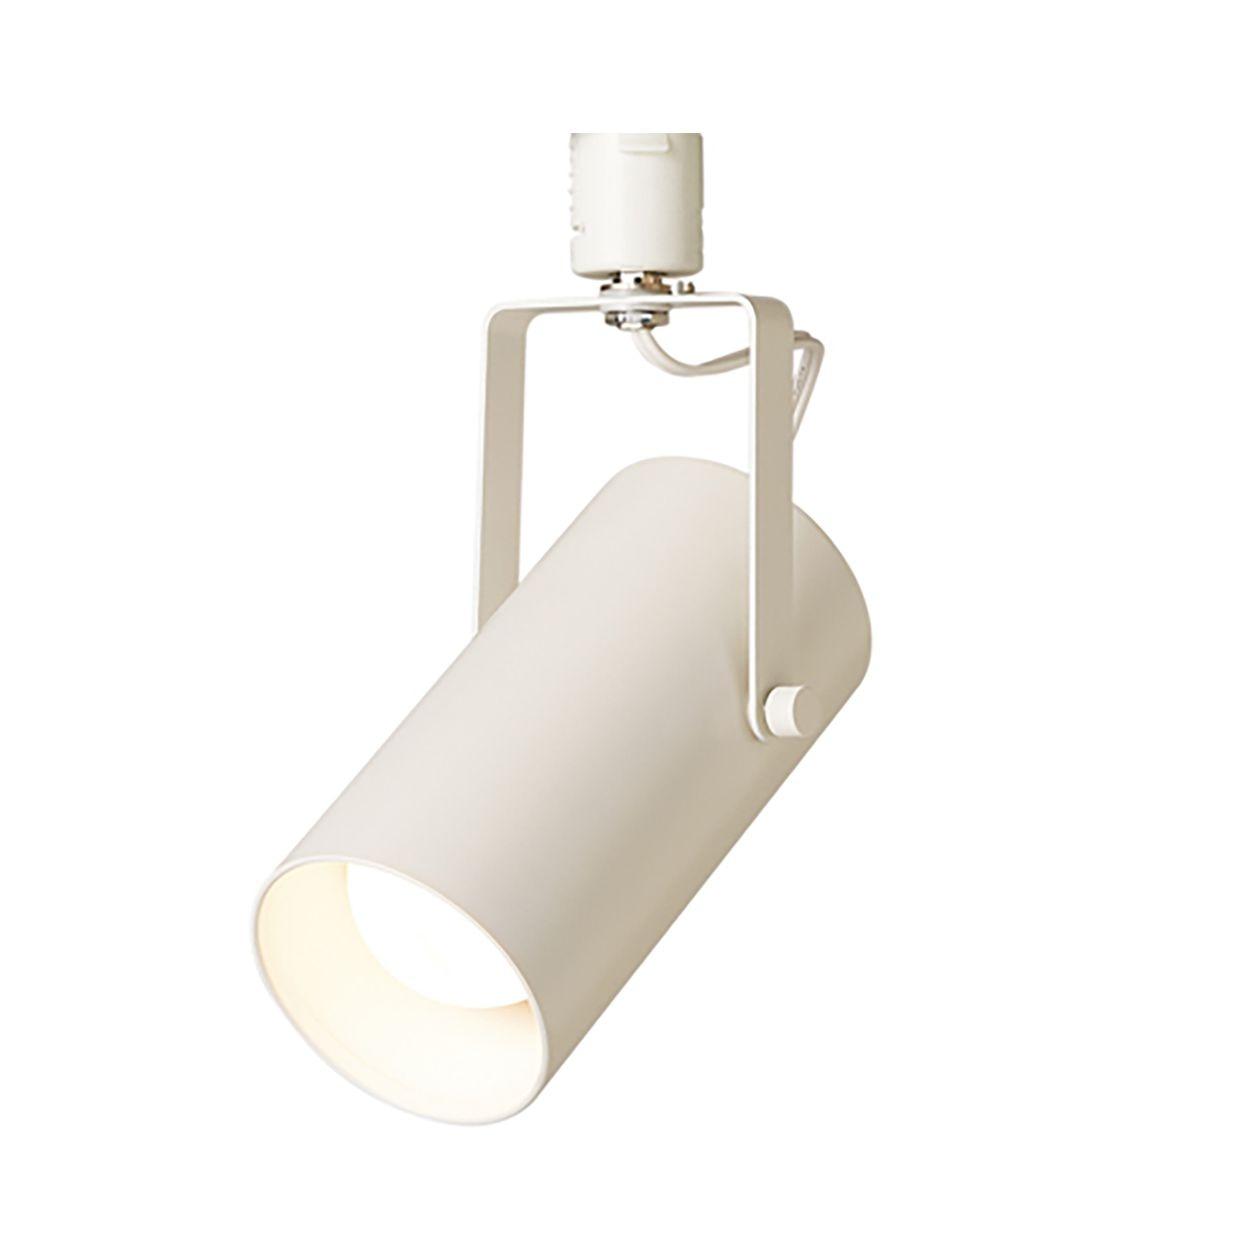 システムライト用LEDスポットライト・大/ホワイト ホワイト